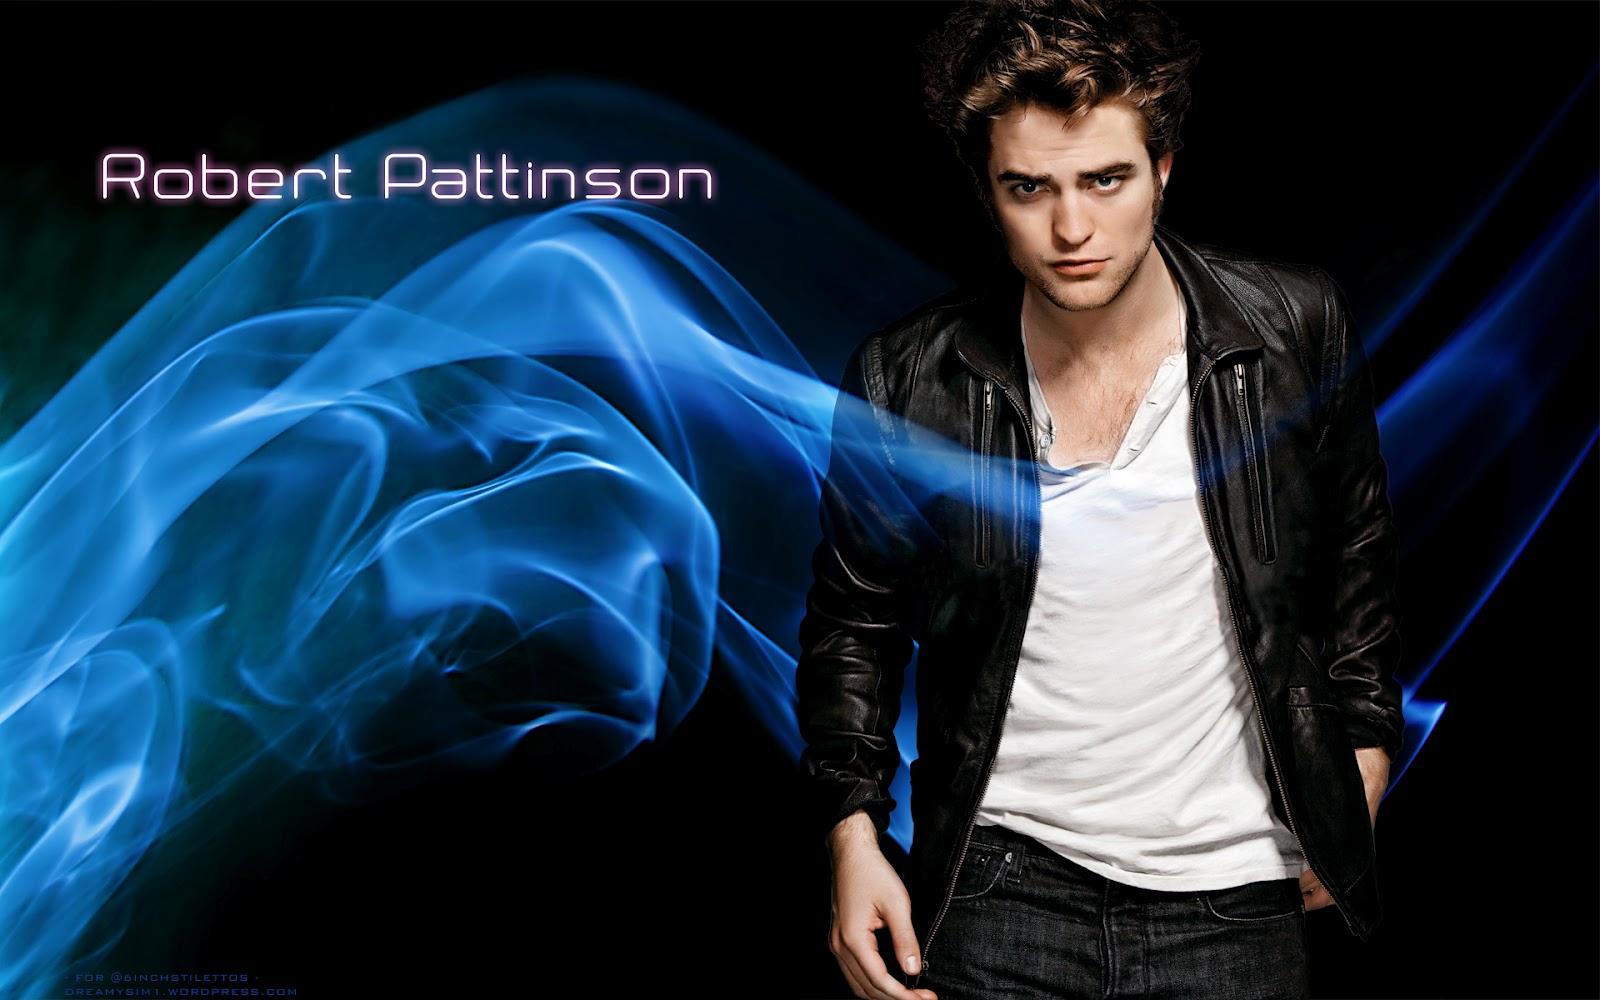 http://3.bp.blogspot.com/-XoOQusPOFJ8/T57---emtII/AAAAAAAACQo/SrL7dL-ZNhw/s1600/Robert+Pattinson+wallpapers+10.jpg